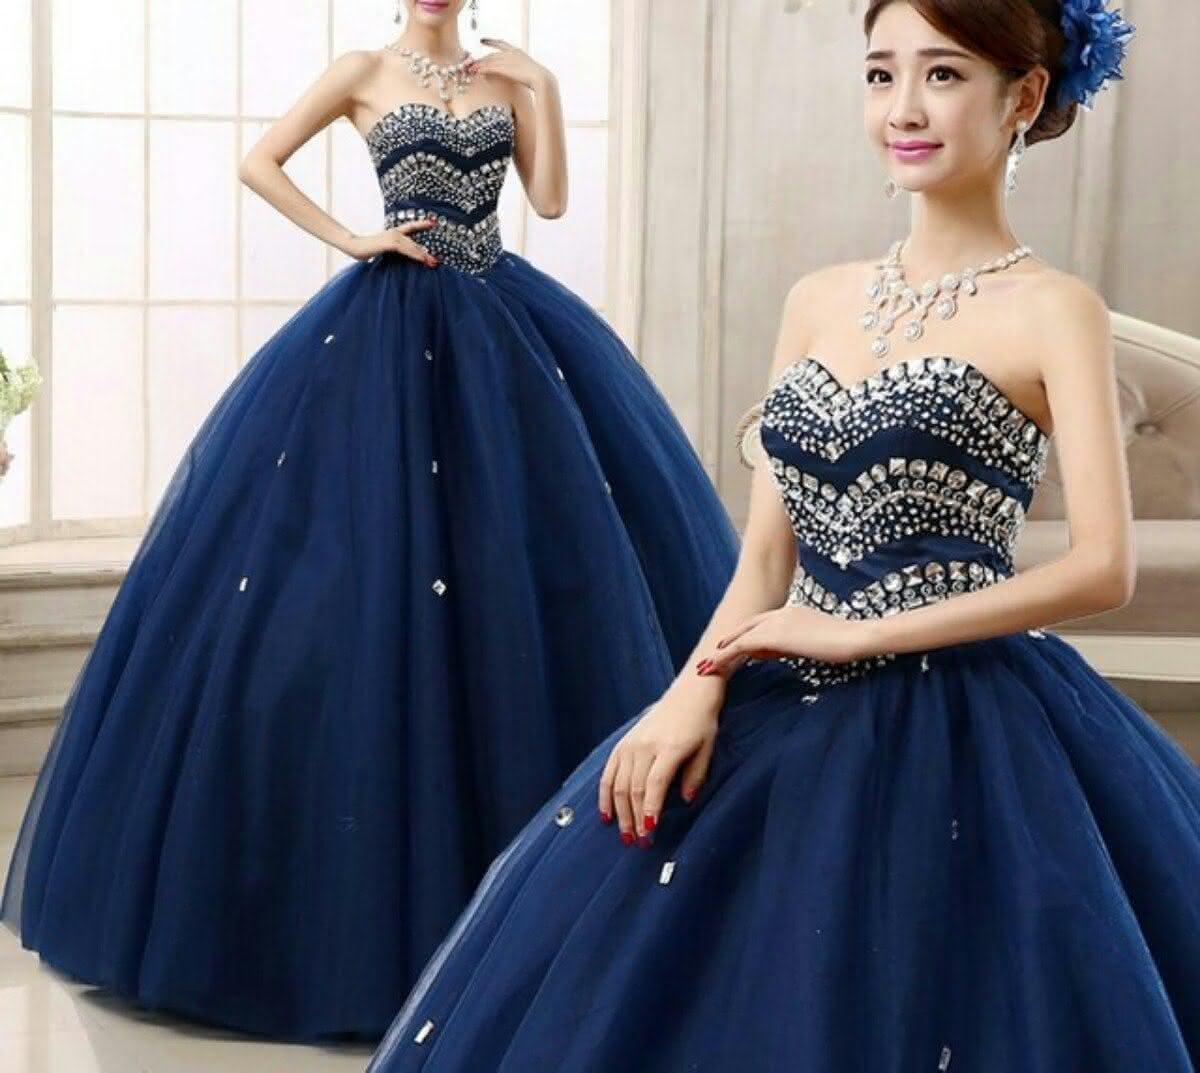 maribiell-vestido-de-debutante-longo-597711-MLB20630707644_032016-F